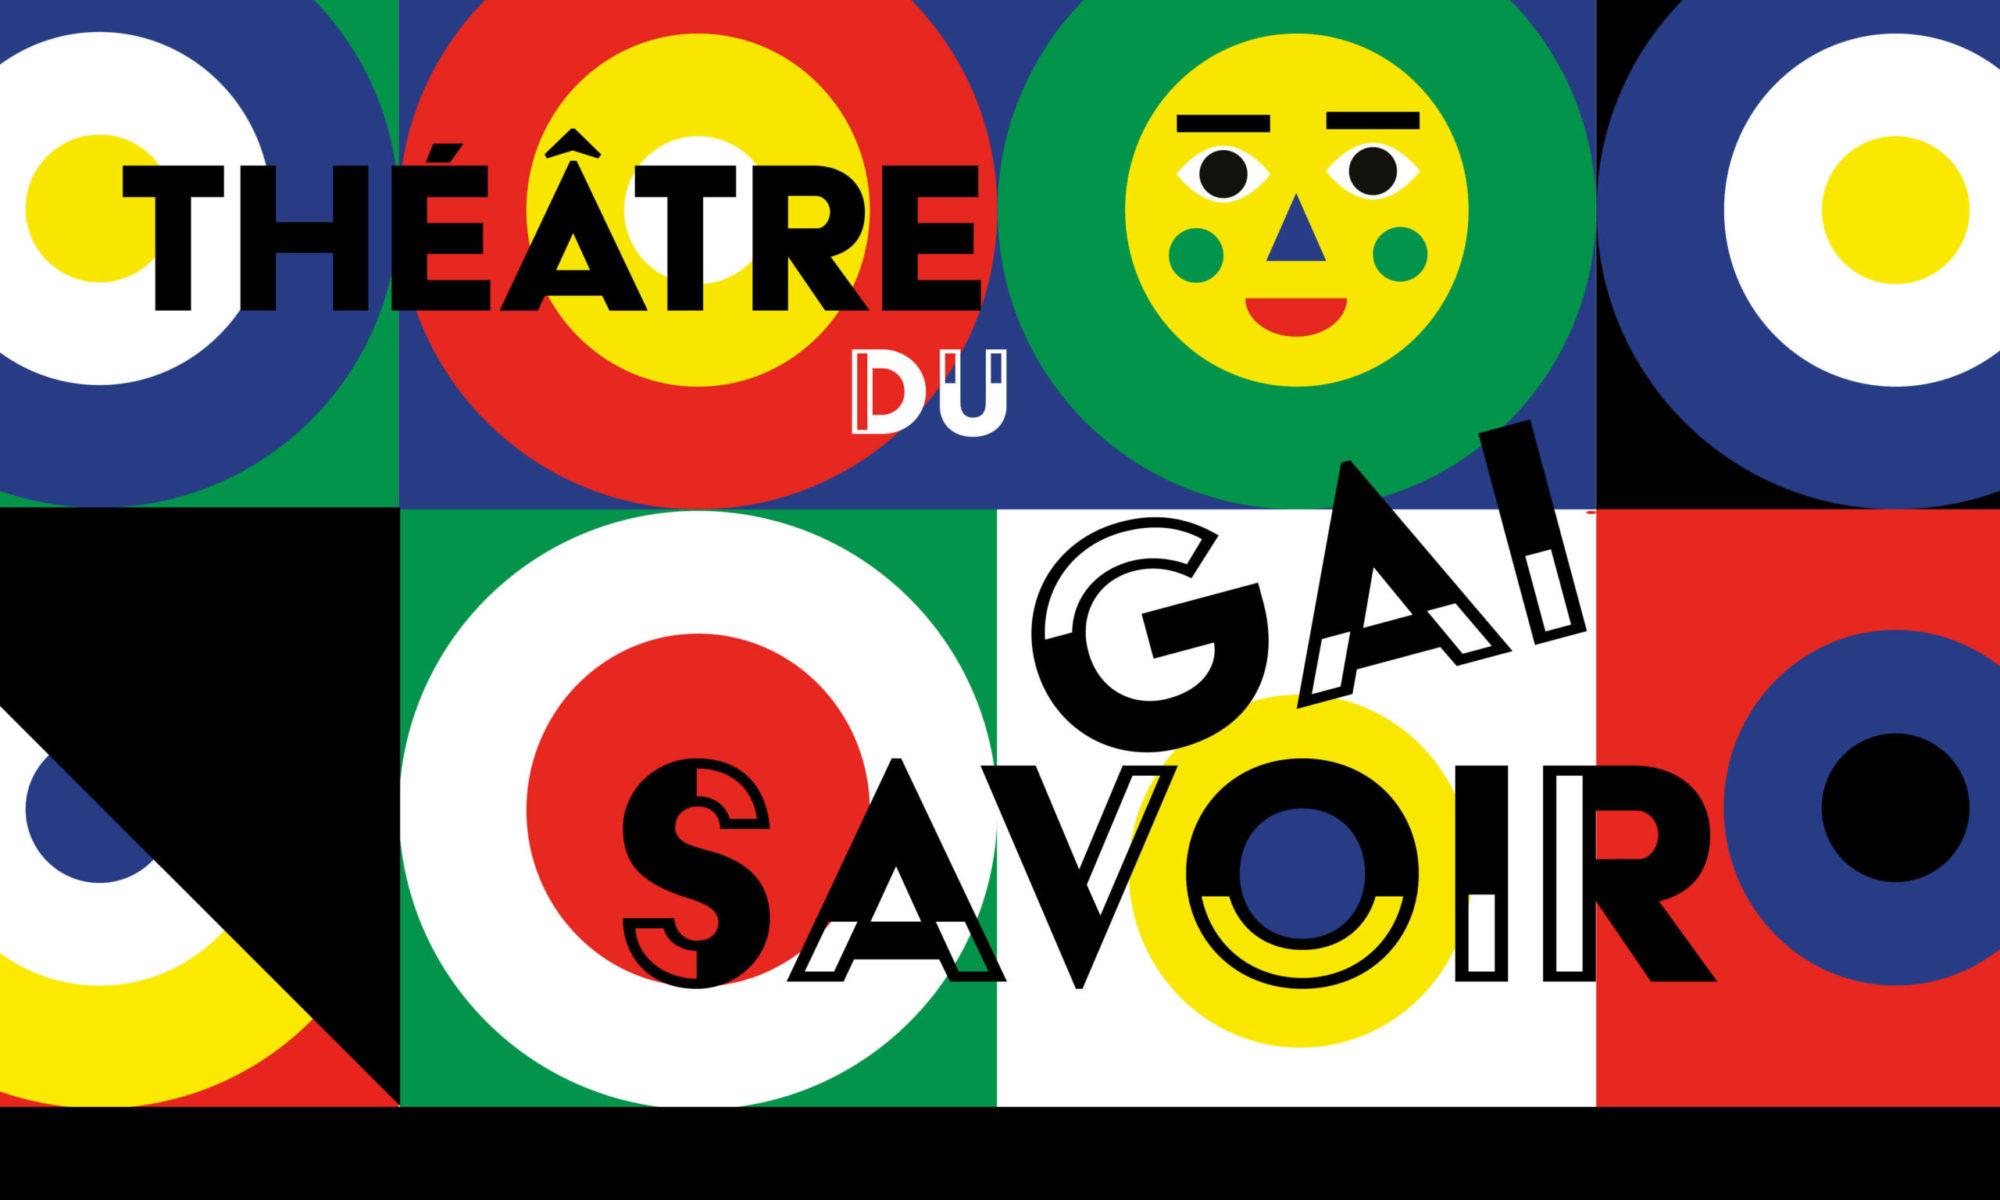 GAISAVOIR